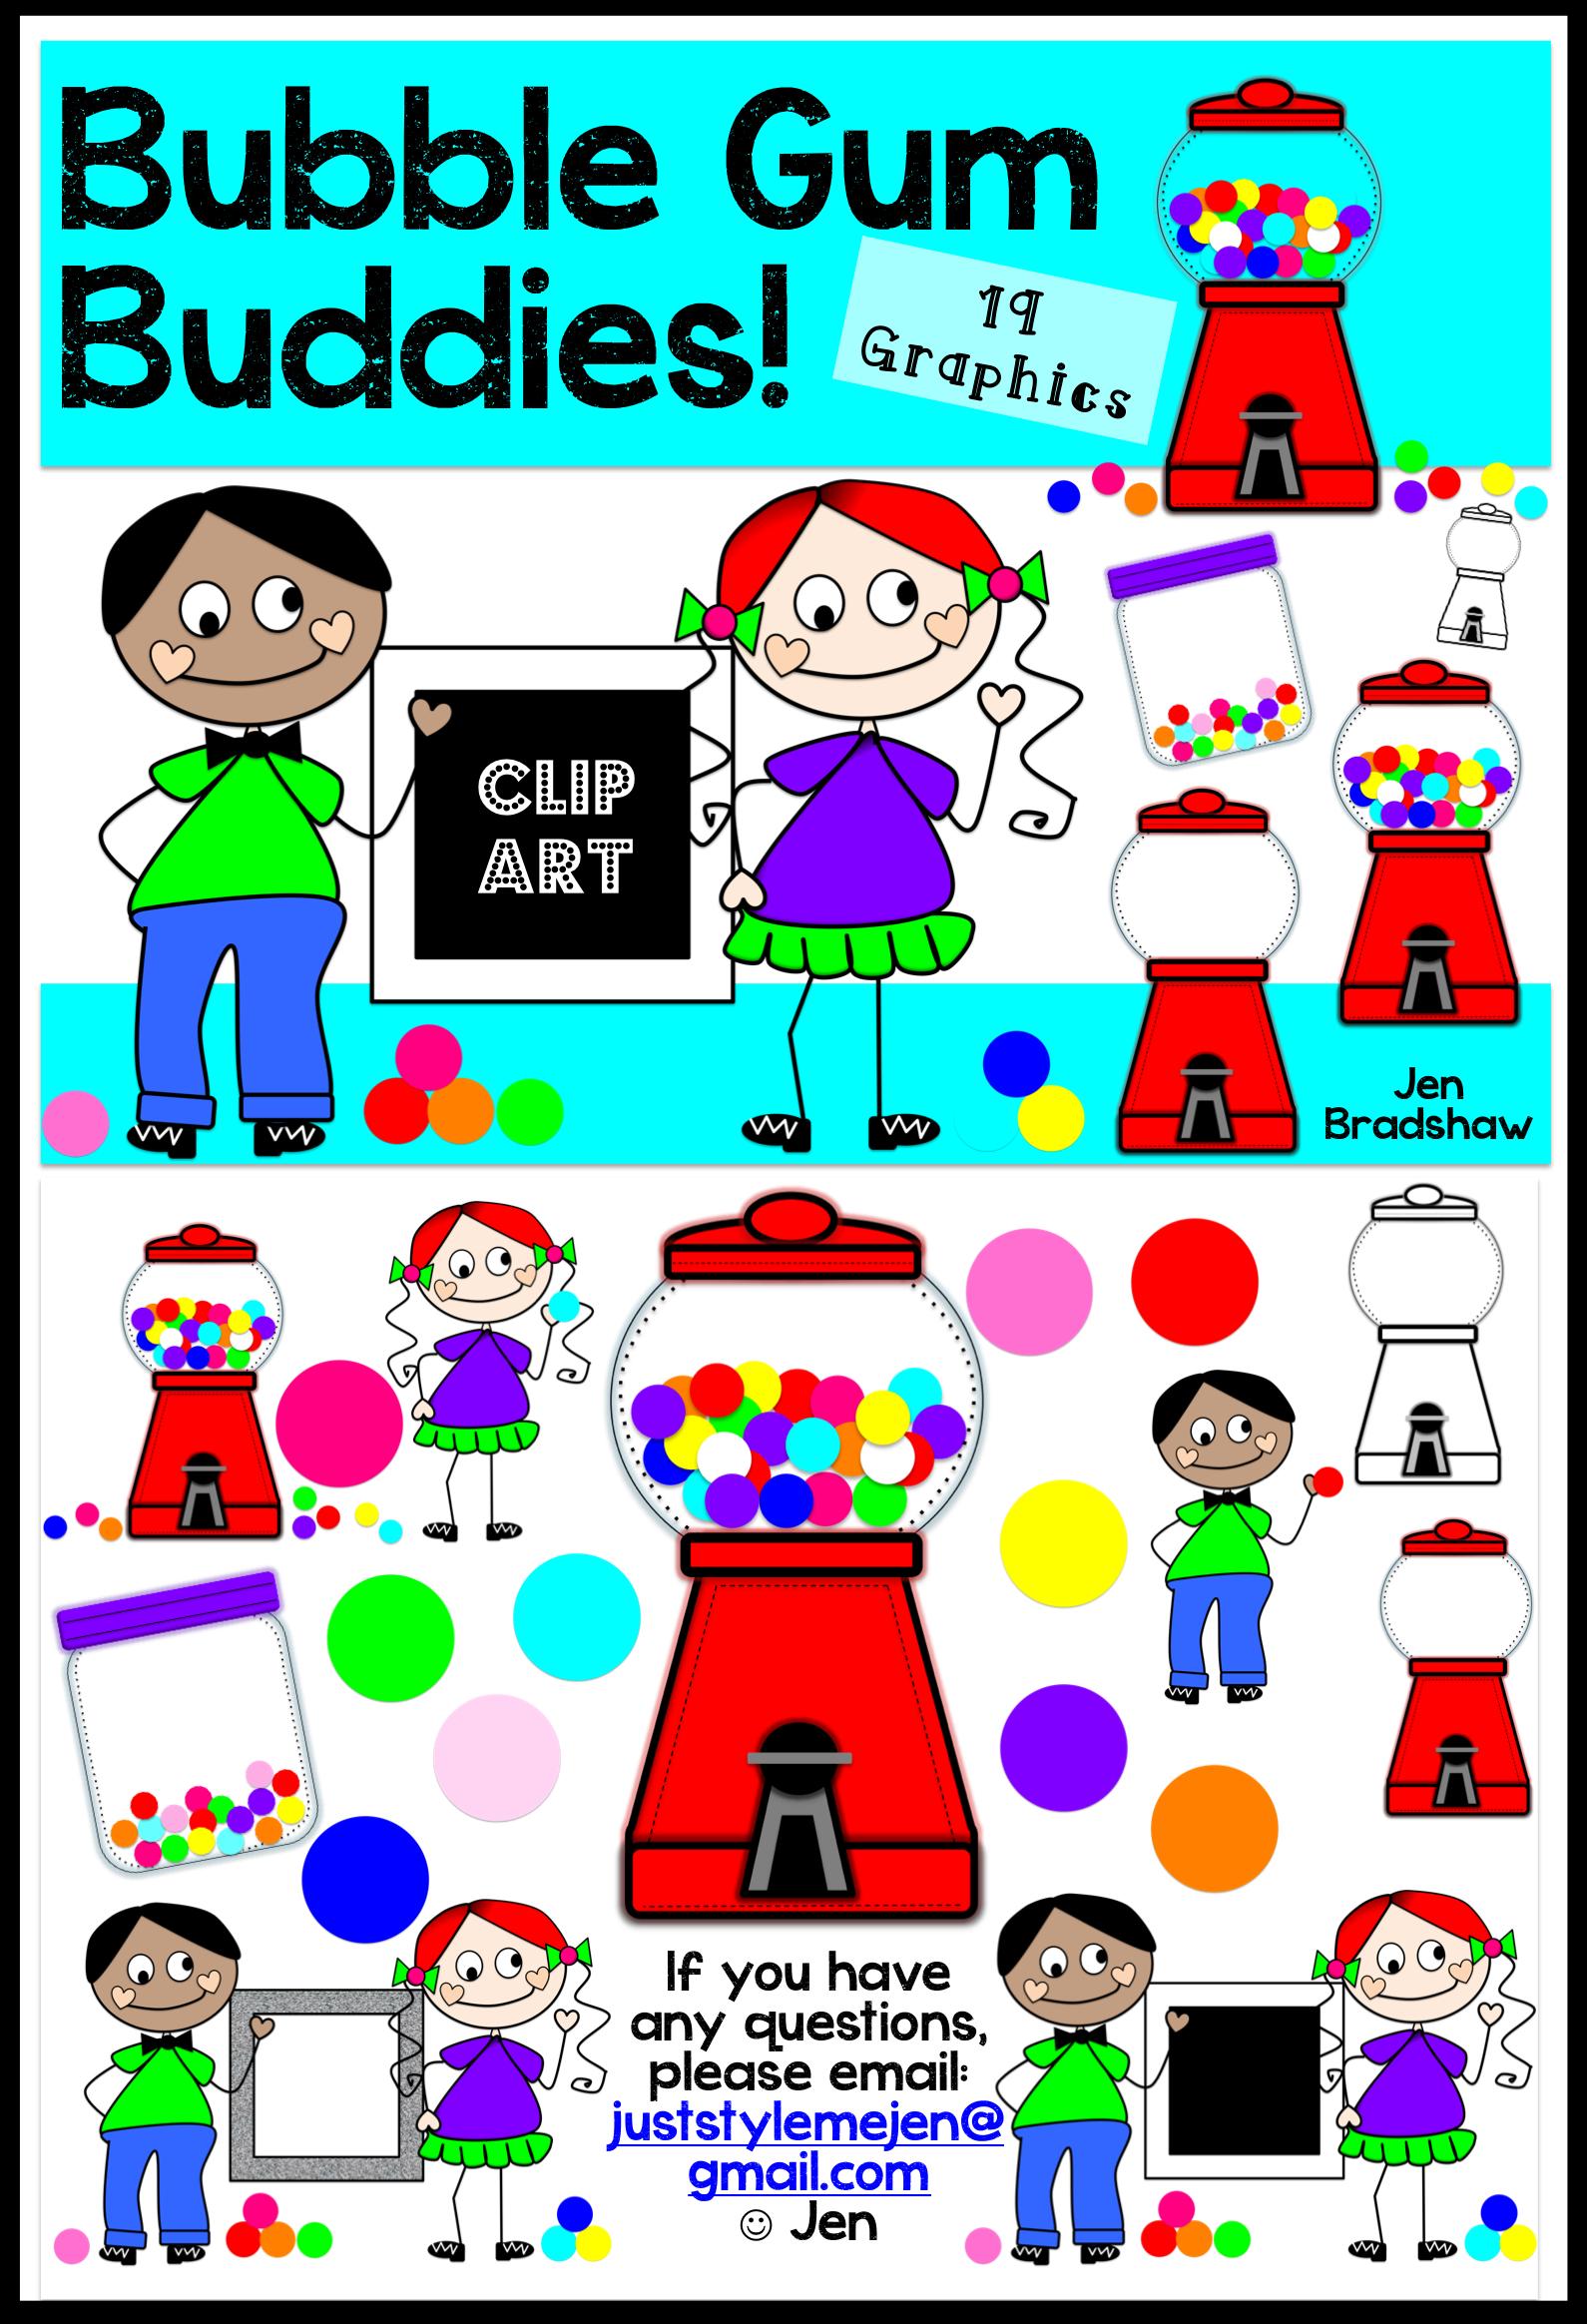 Bubble Gum Bud S Clip Art 19 Graphics With Bubble Gum